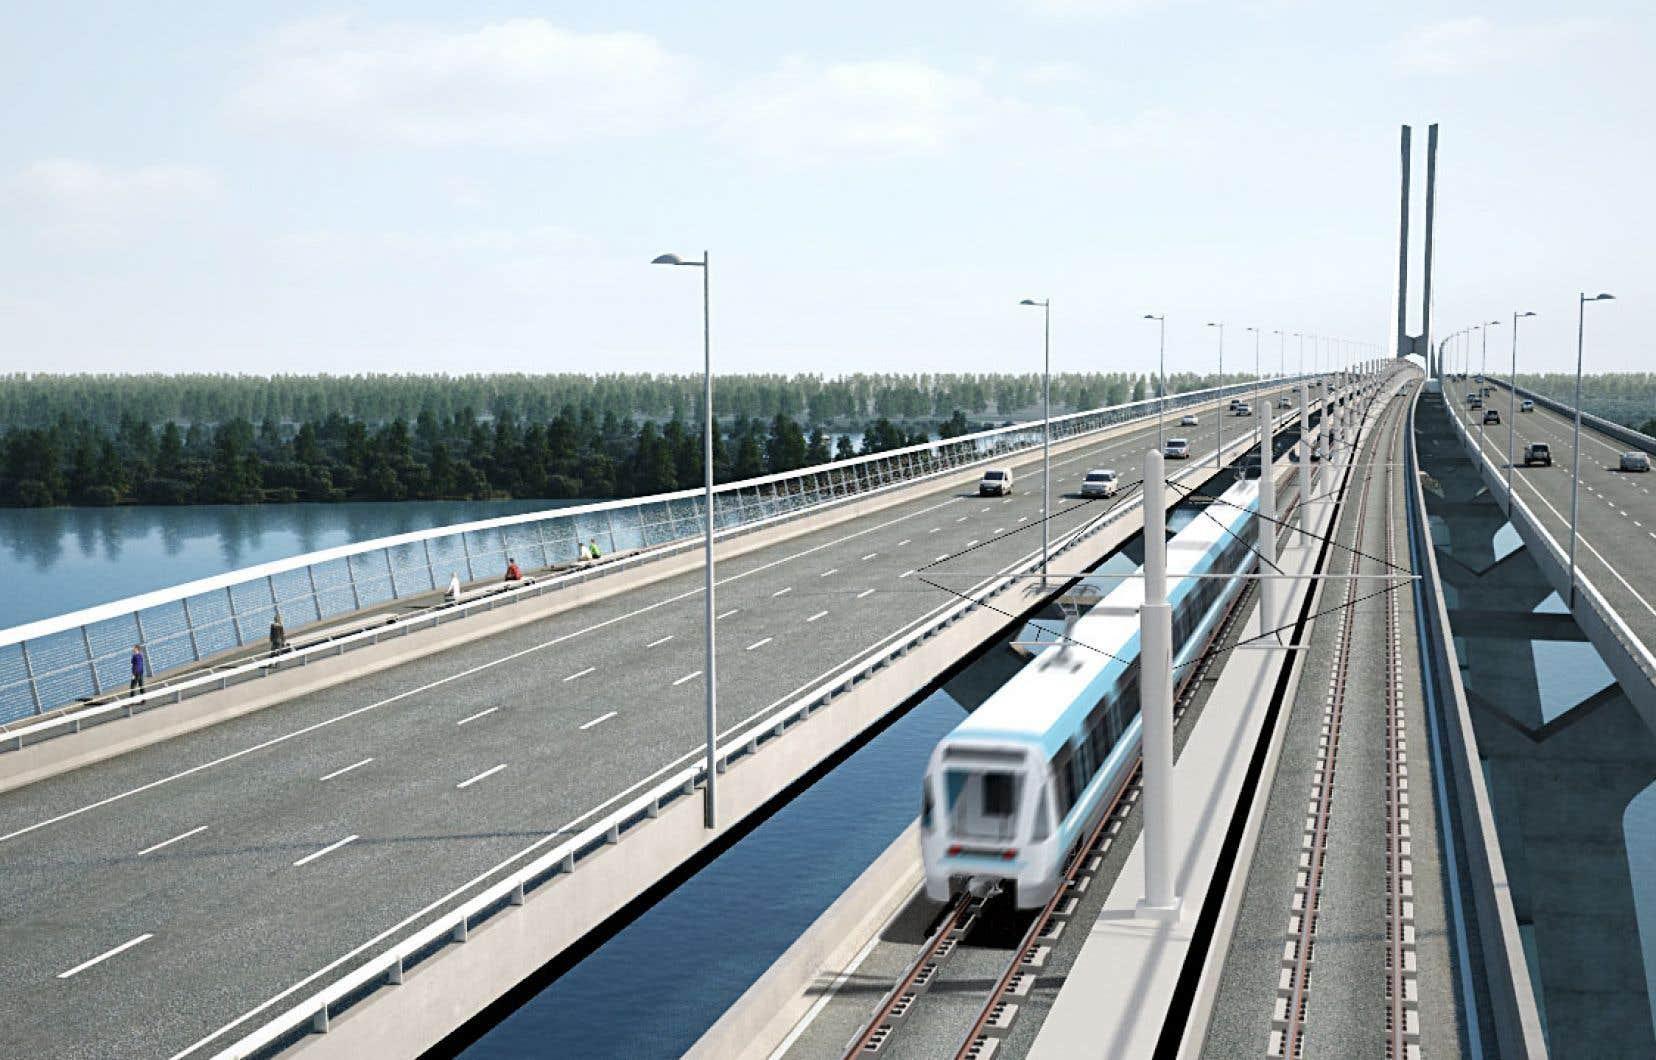 Le plan du REM actuellement en chantier comprend une grande ligne qui va de Deux-Montagnes jusqu'en Montérégie, en passant par le centre-ville de Montréal, mais aussi des antennes dans l'ouest de l'île et vers l'aéroport Montréal-Trudeau.